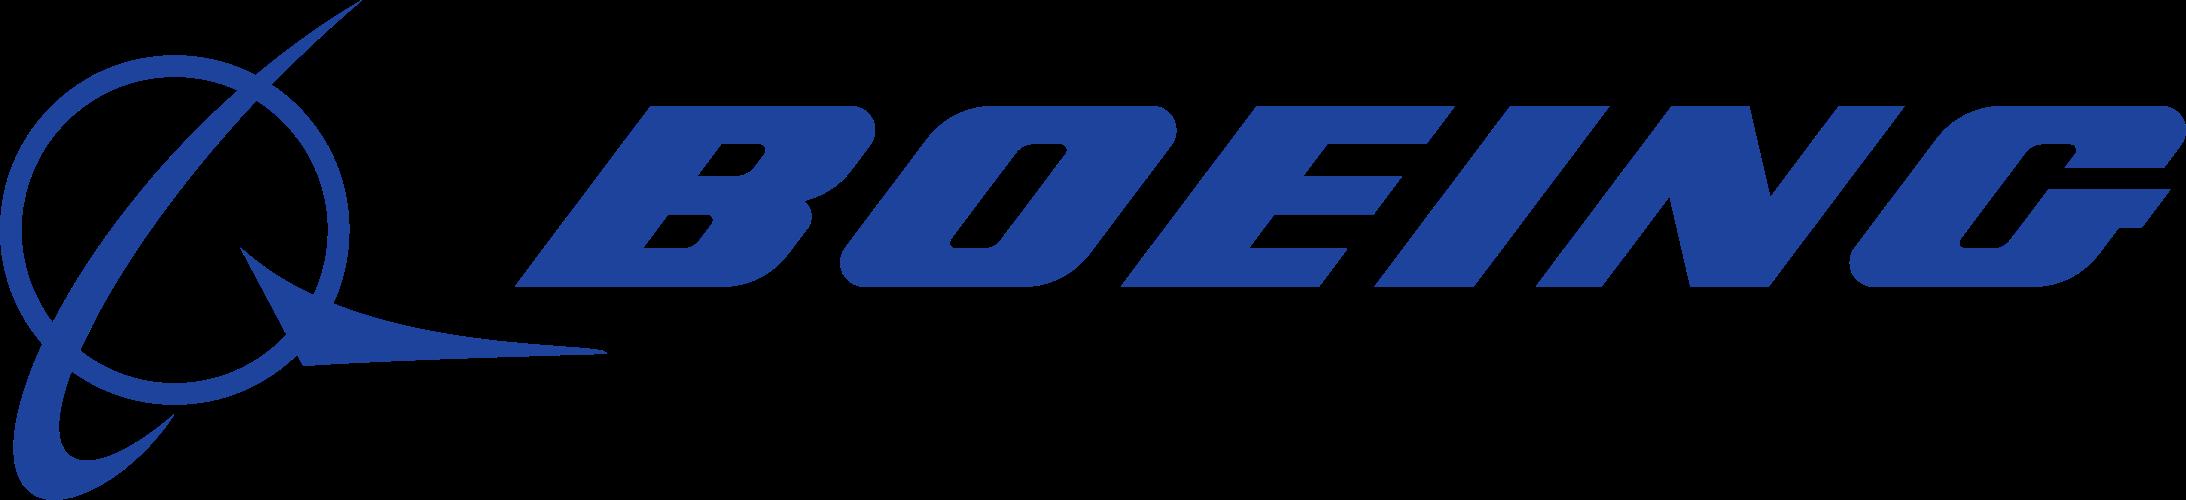 Utah Air Show 2020 Sponsor